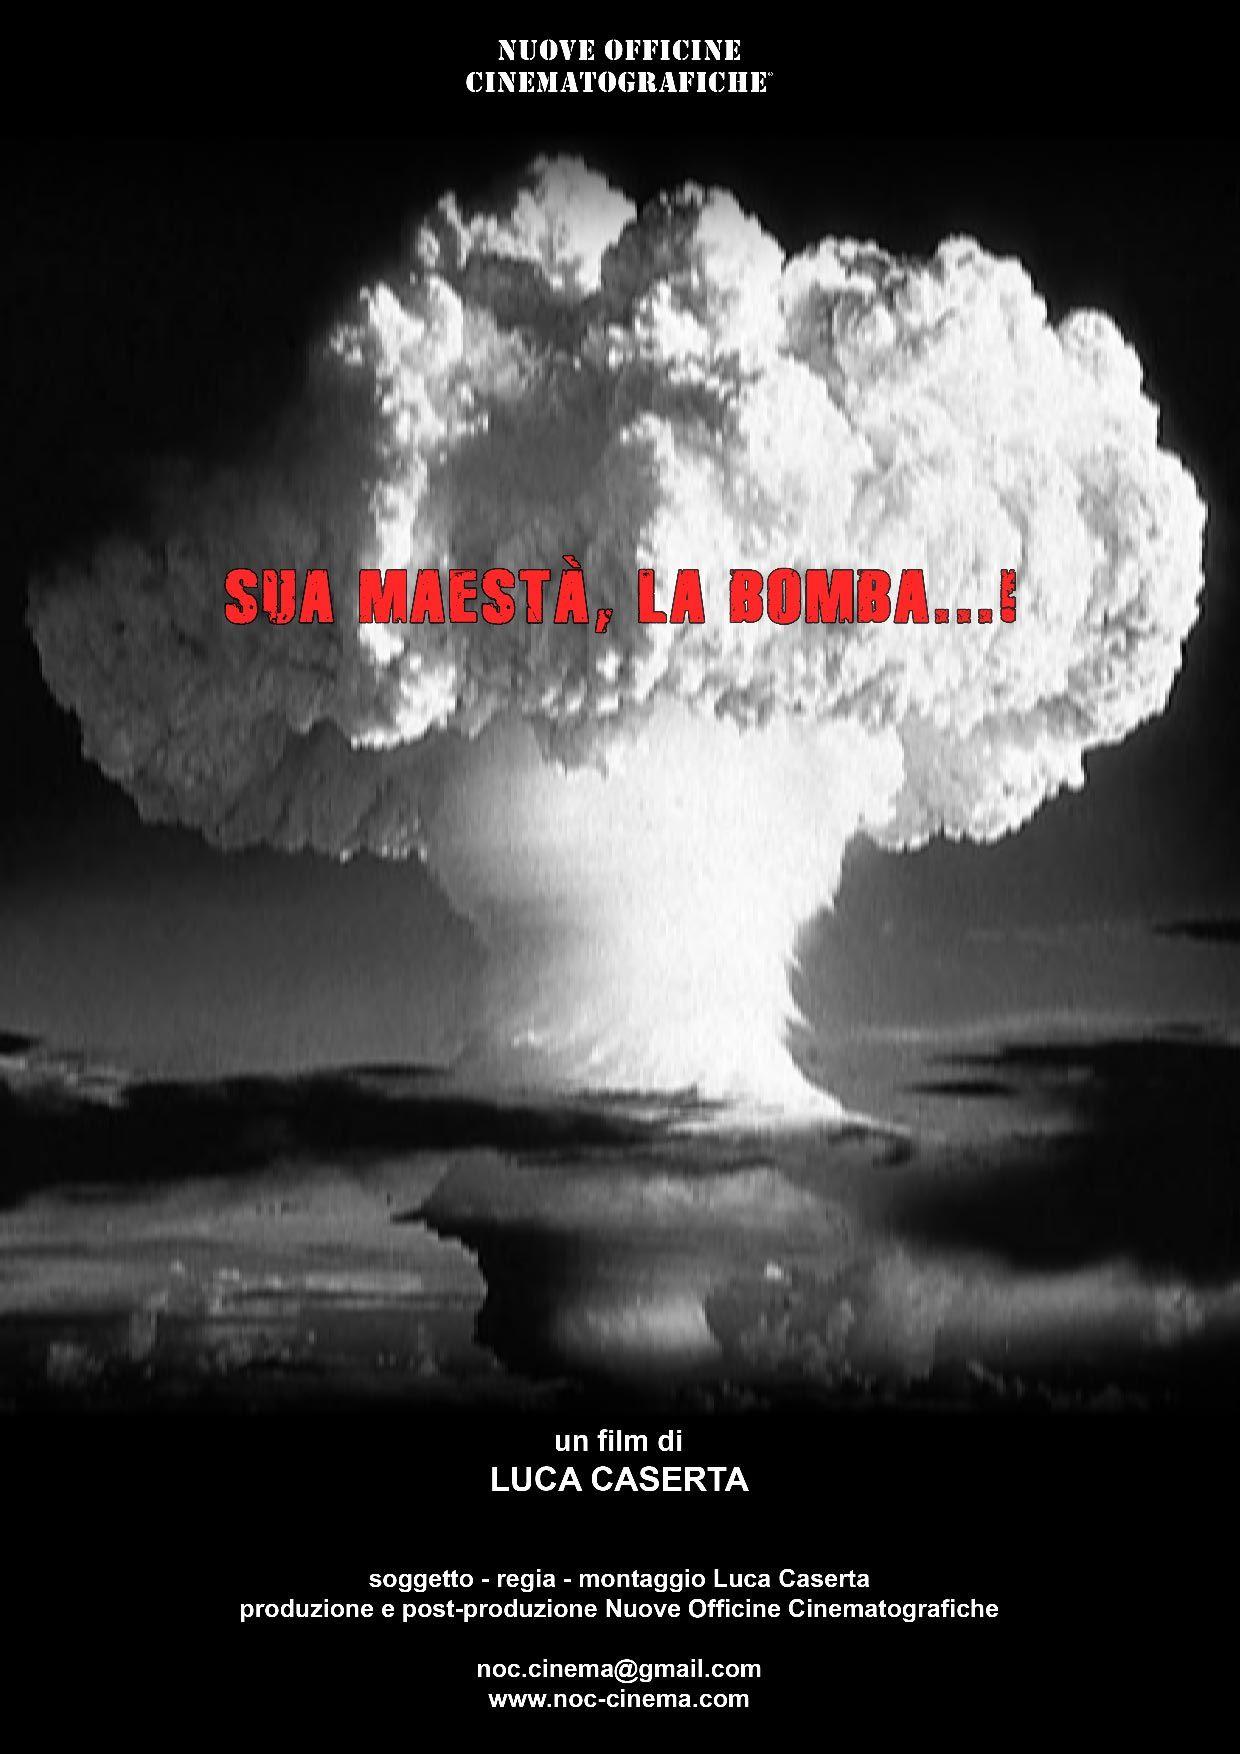 Sua maesta', la bomba...!